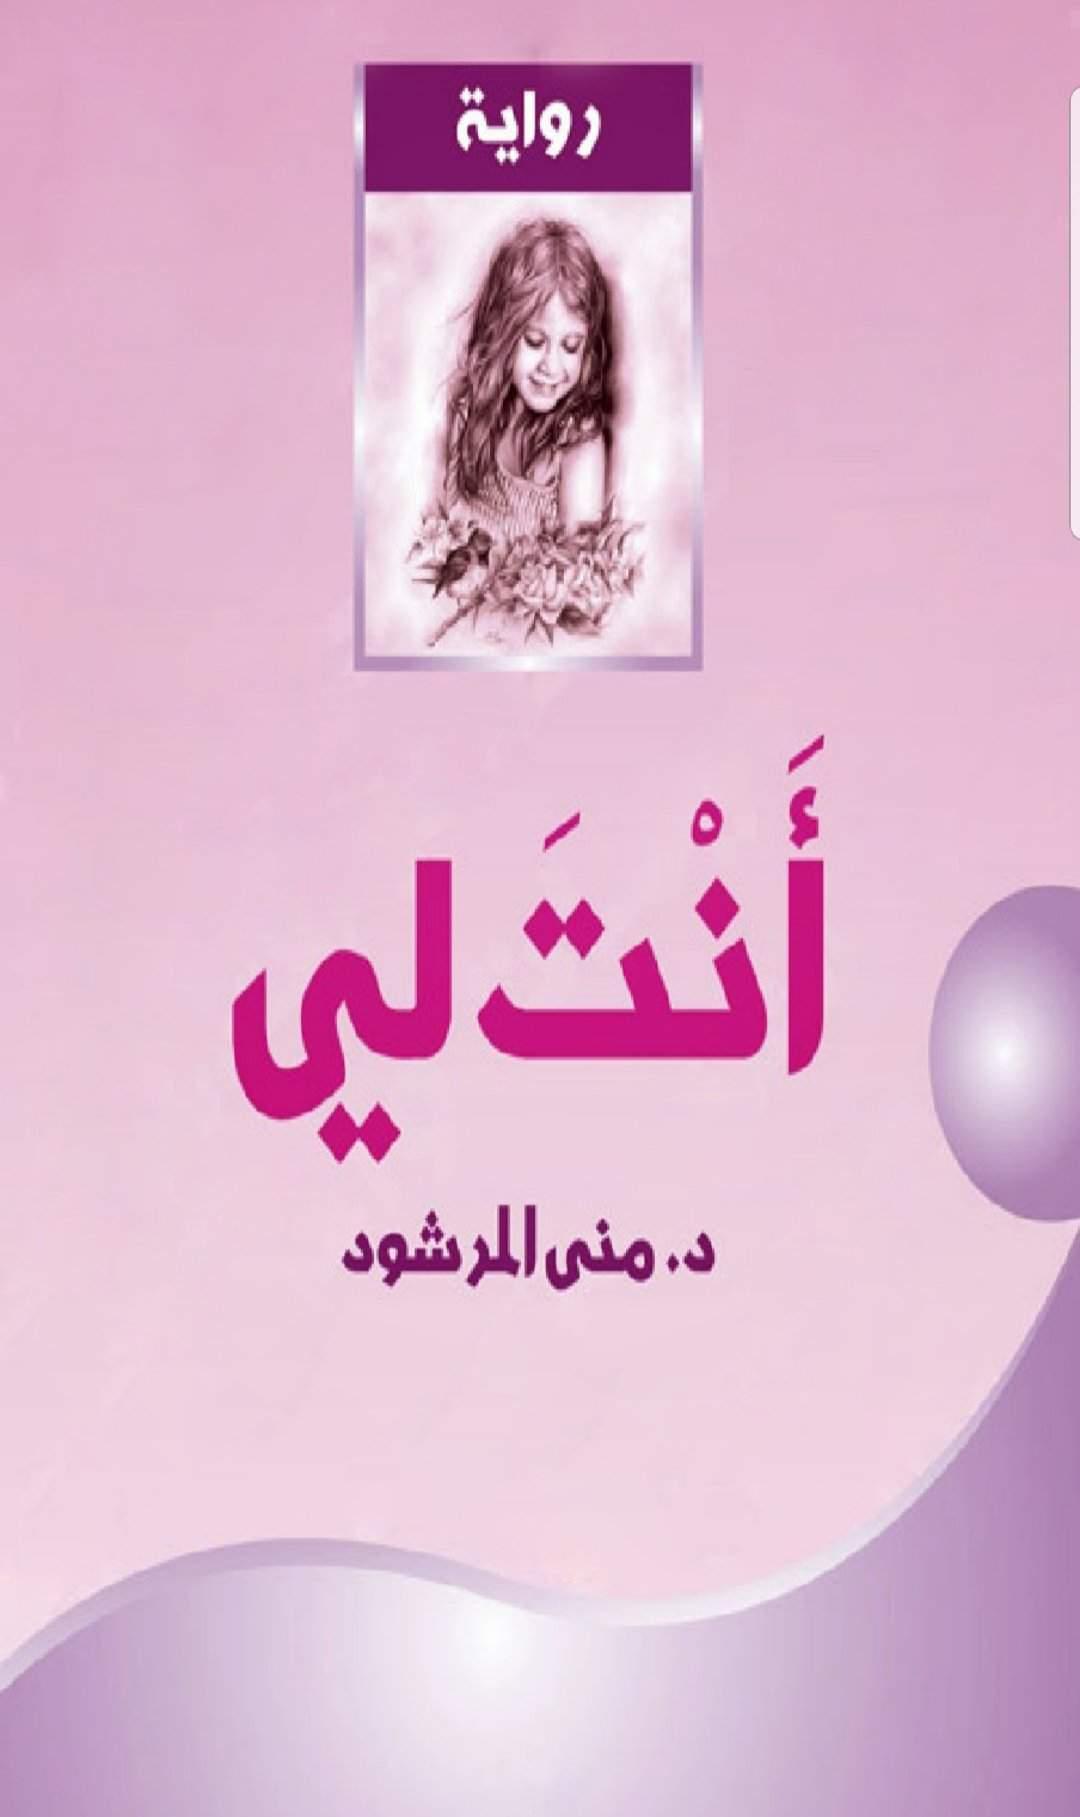 روايات رومانسية كوميدية أشهر 13 رواية رومانسة كوميدية في العالم العربي زيادة